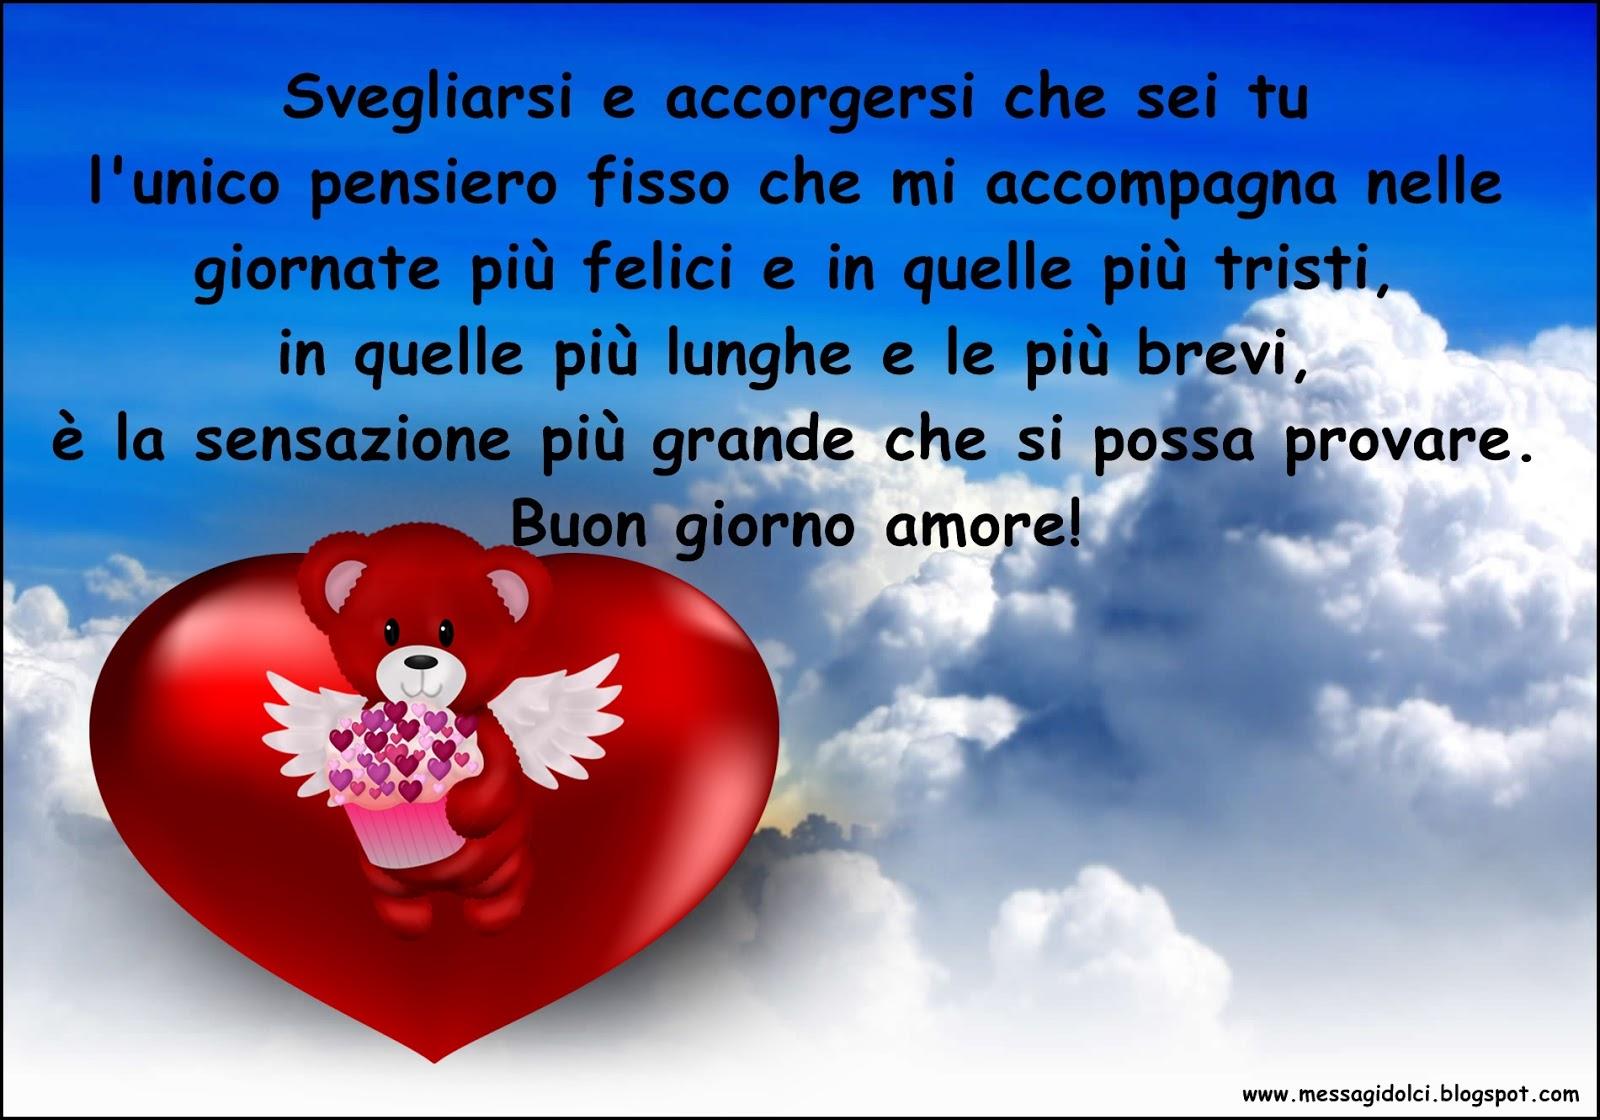 Immagini romantiche di buongiorno for Buongiorno divertente sms